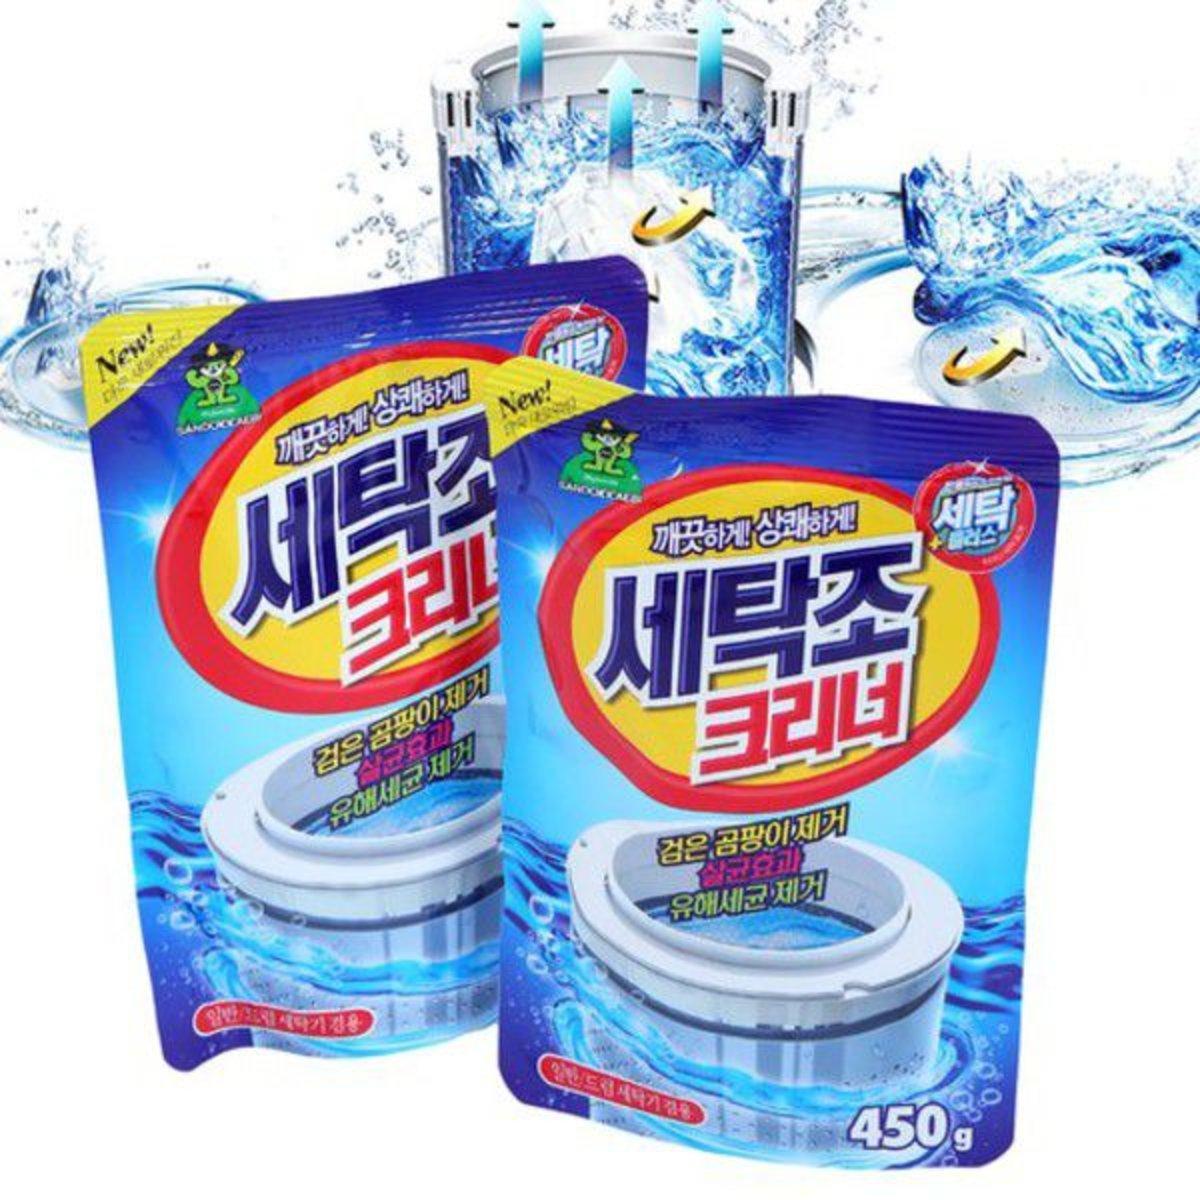 洗衣機槽清潔粉 450g x2